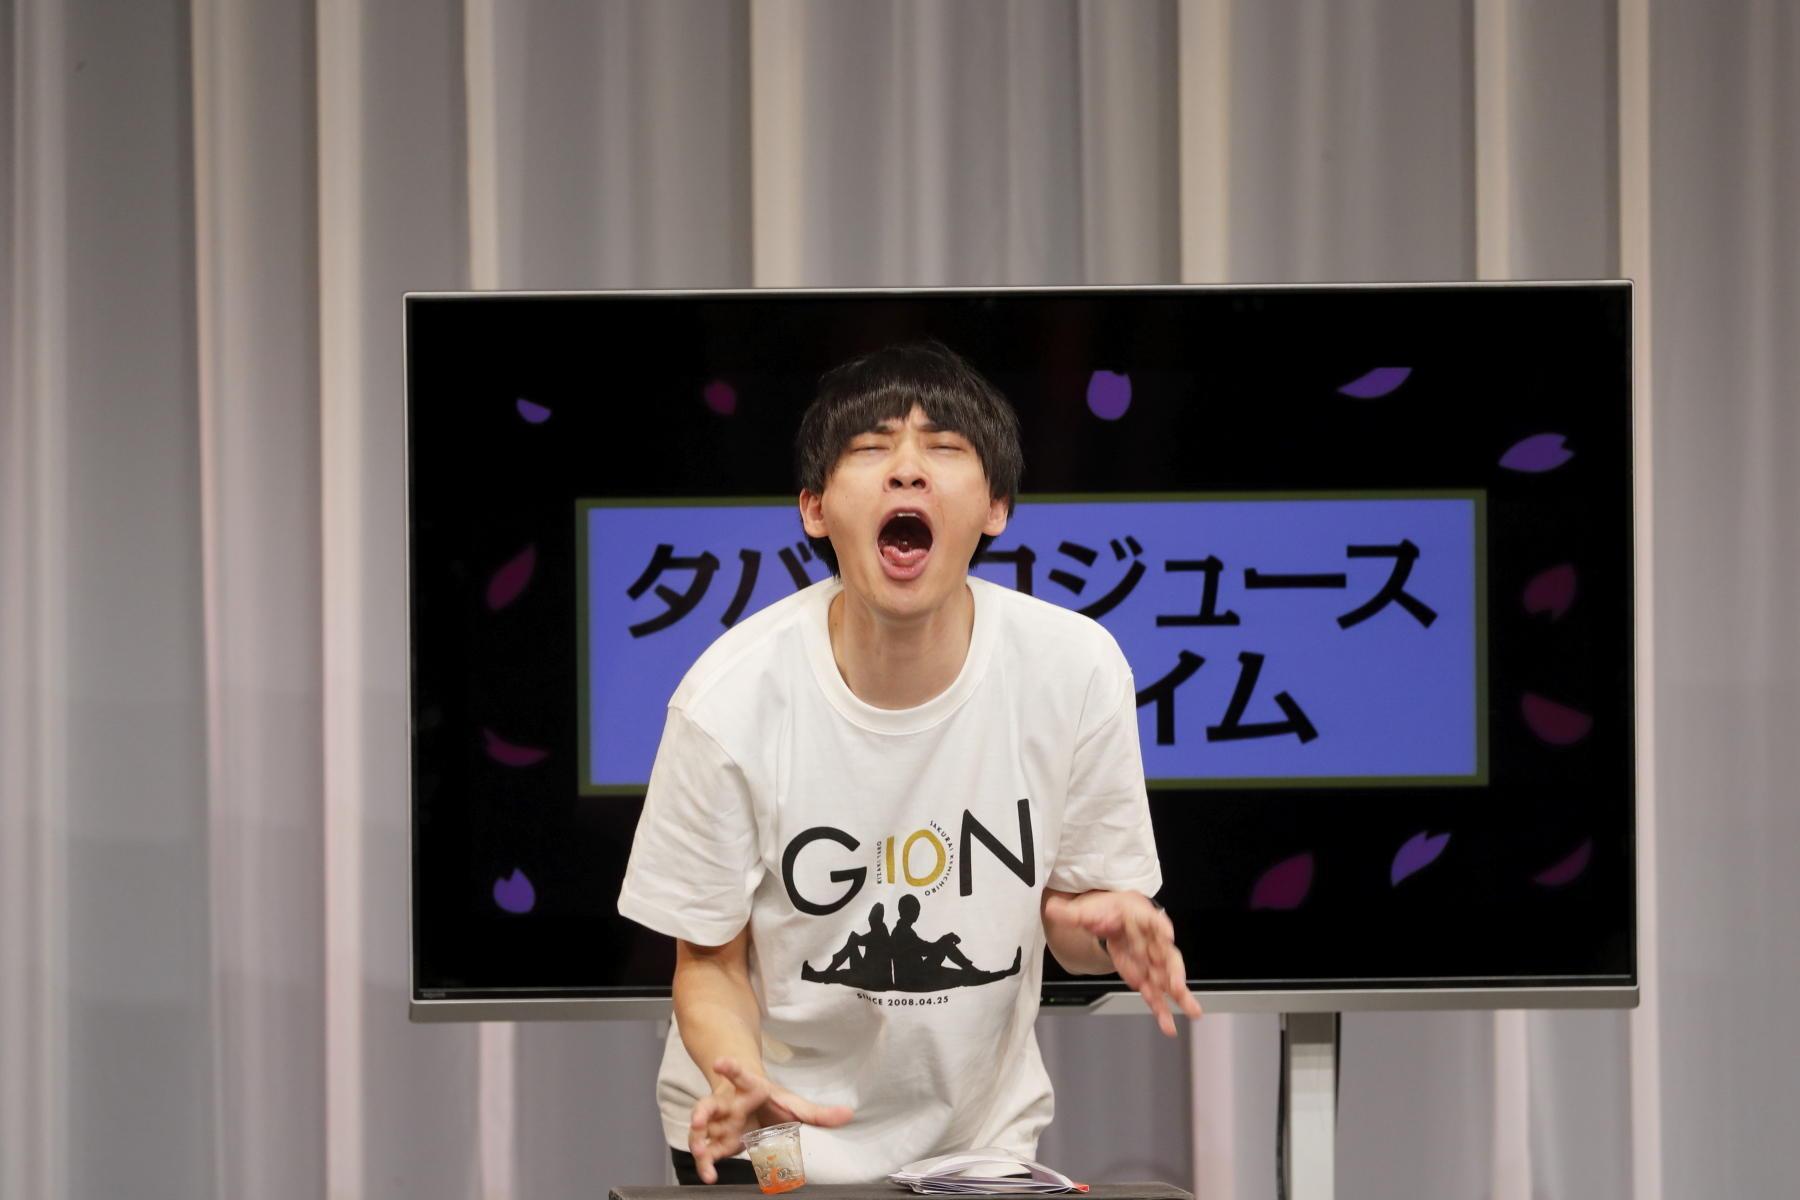 http://news.yoshimoto.co.jp/20181204223105-d858dcd71074cf4a11938c289005d8739dbacb5d.jpg